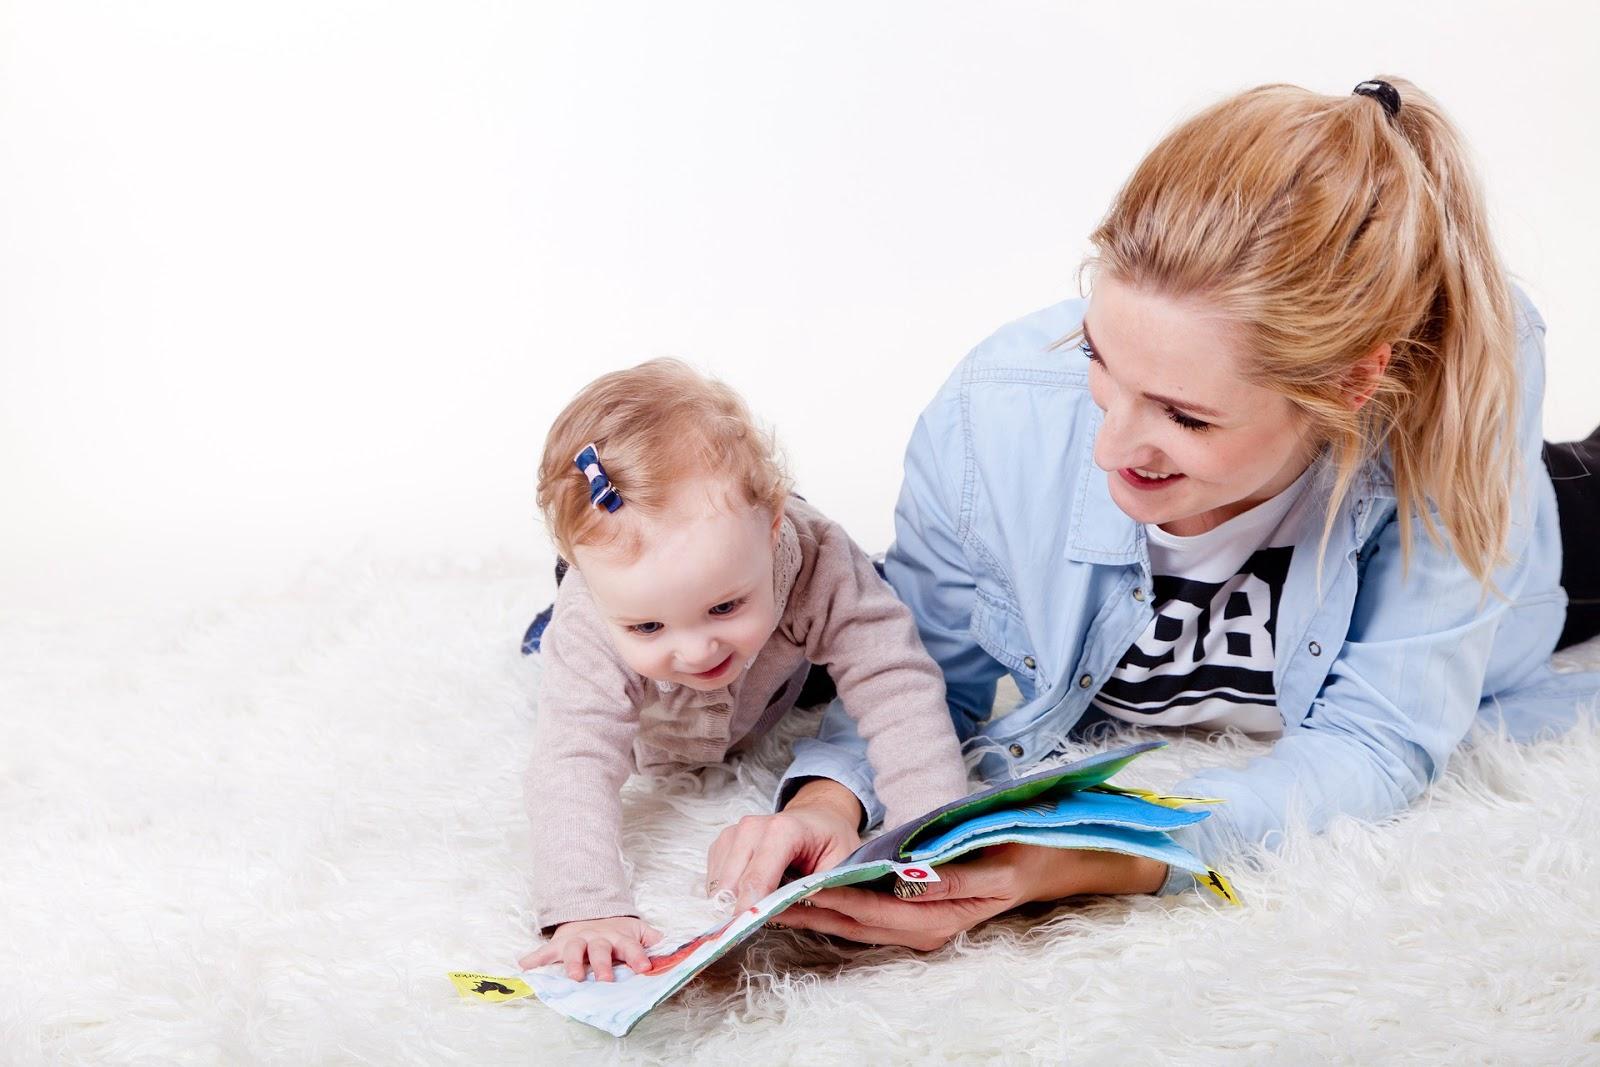 Cách dạy trẻ 2 tuổi hiệu quả